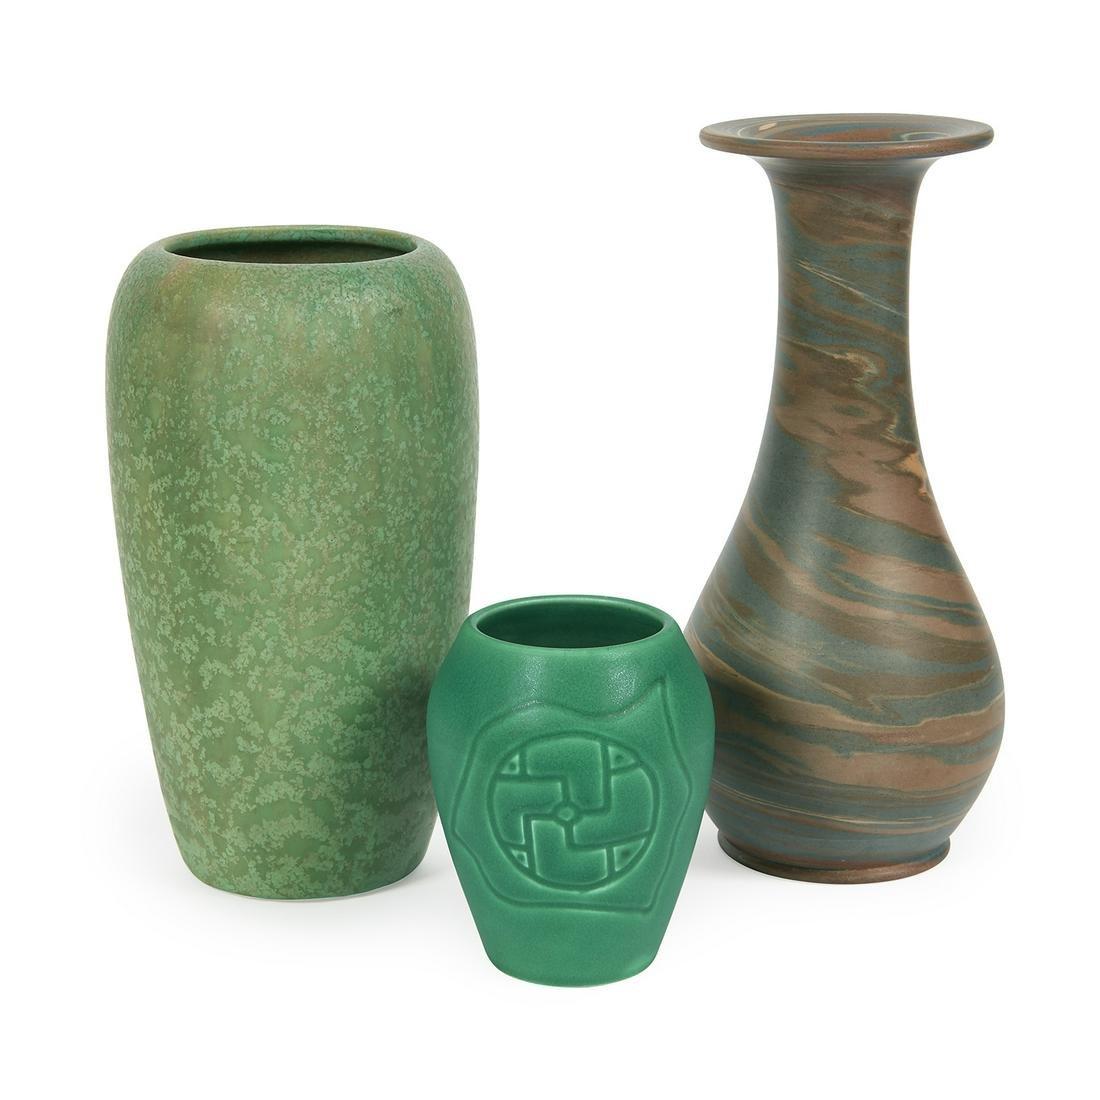 Weller Pottery Co. vase